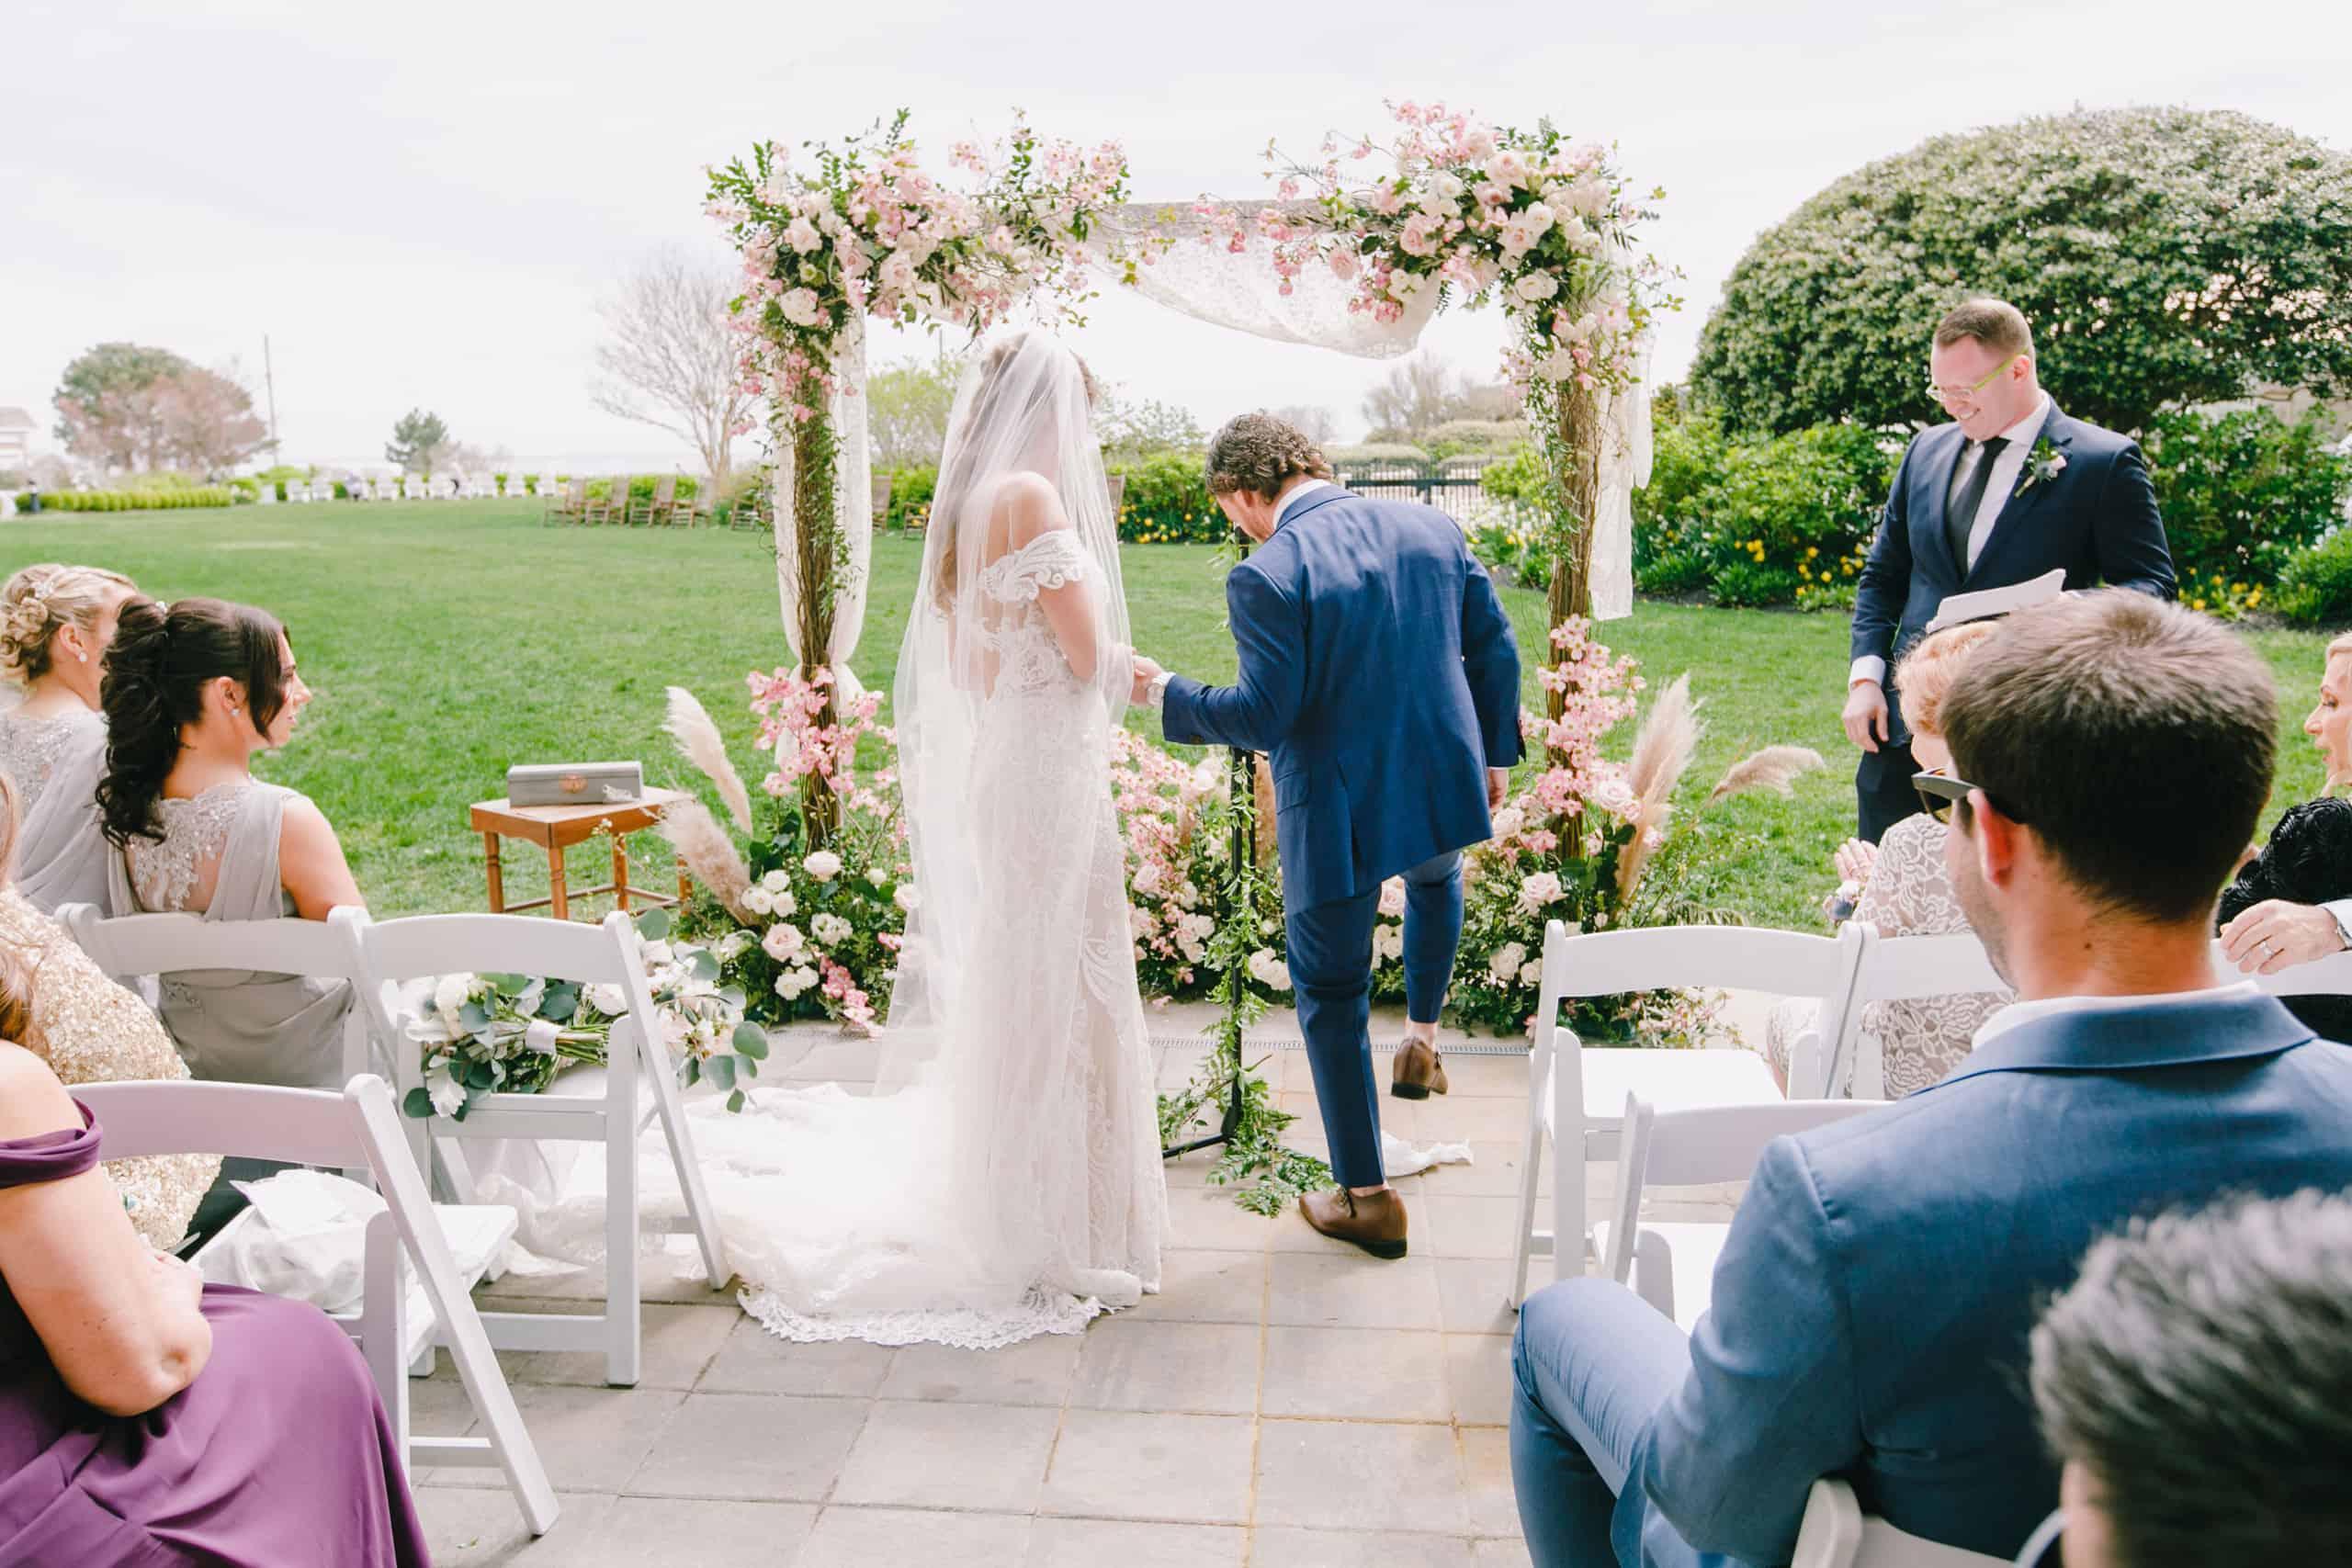 Wedding photos at the shore